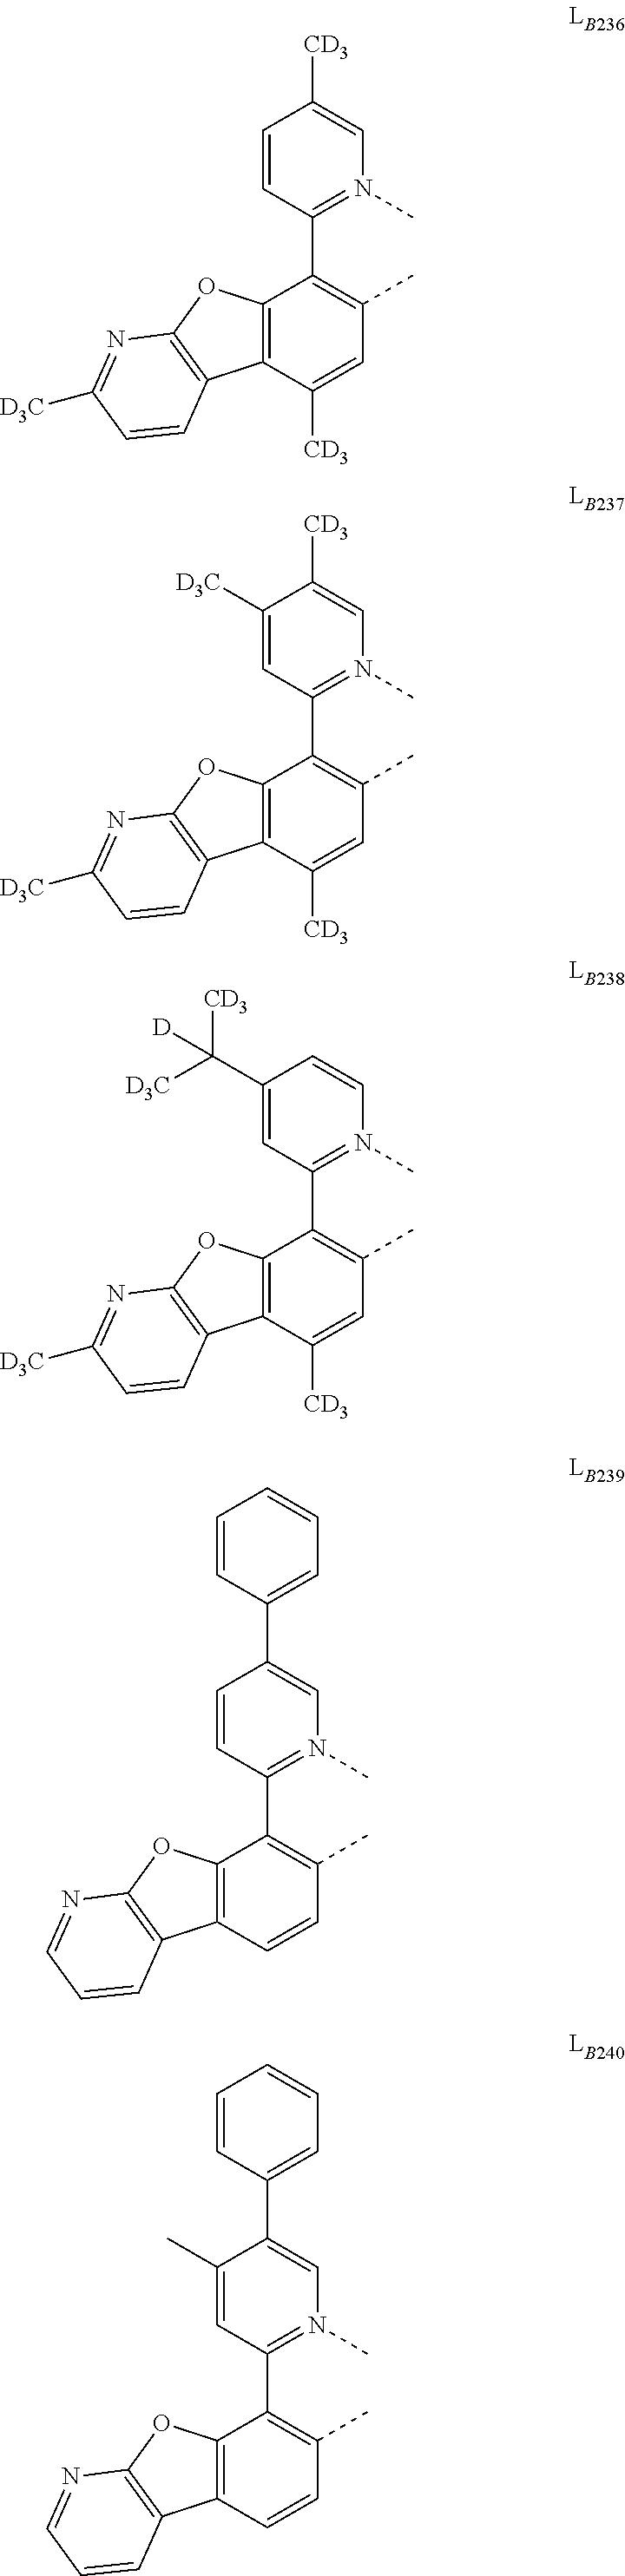 Figure US20180130962A1-20180510-C00308